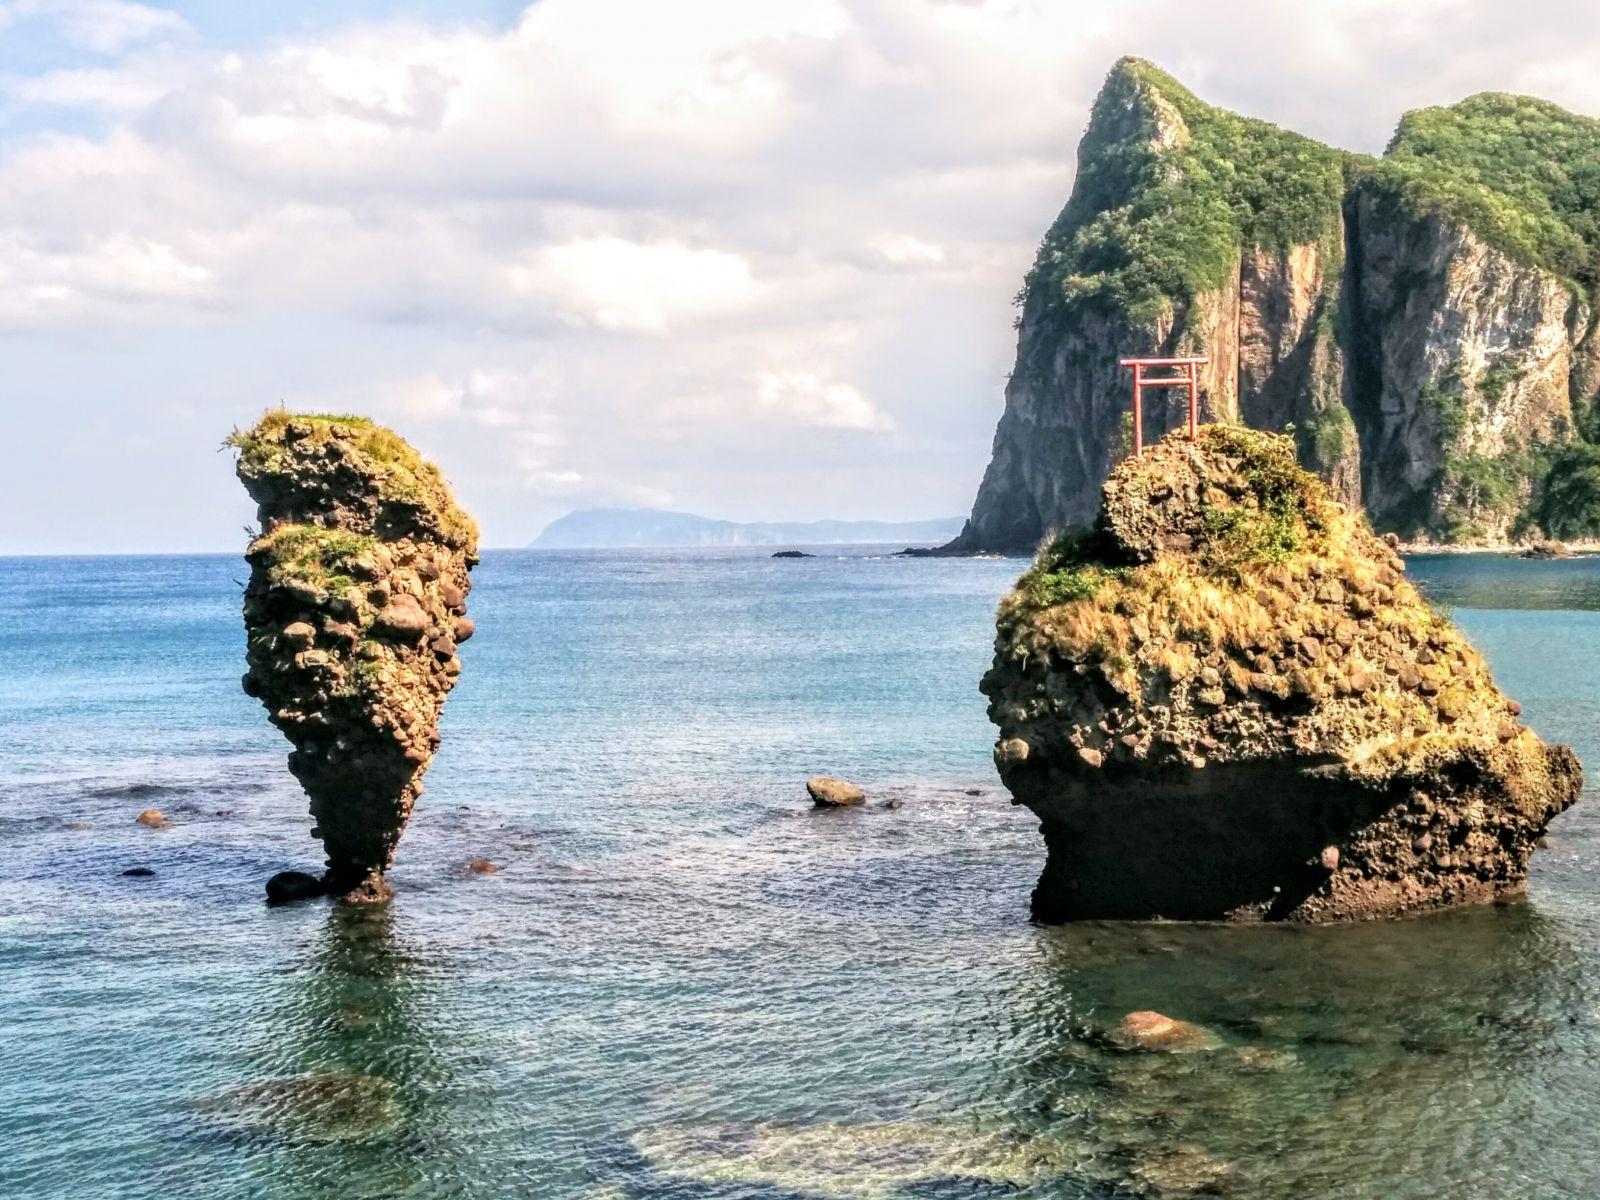 【積丹半島】恵比寿岩と大黒岩です。